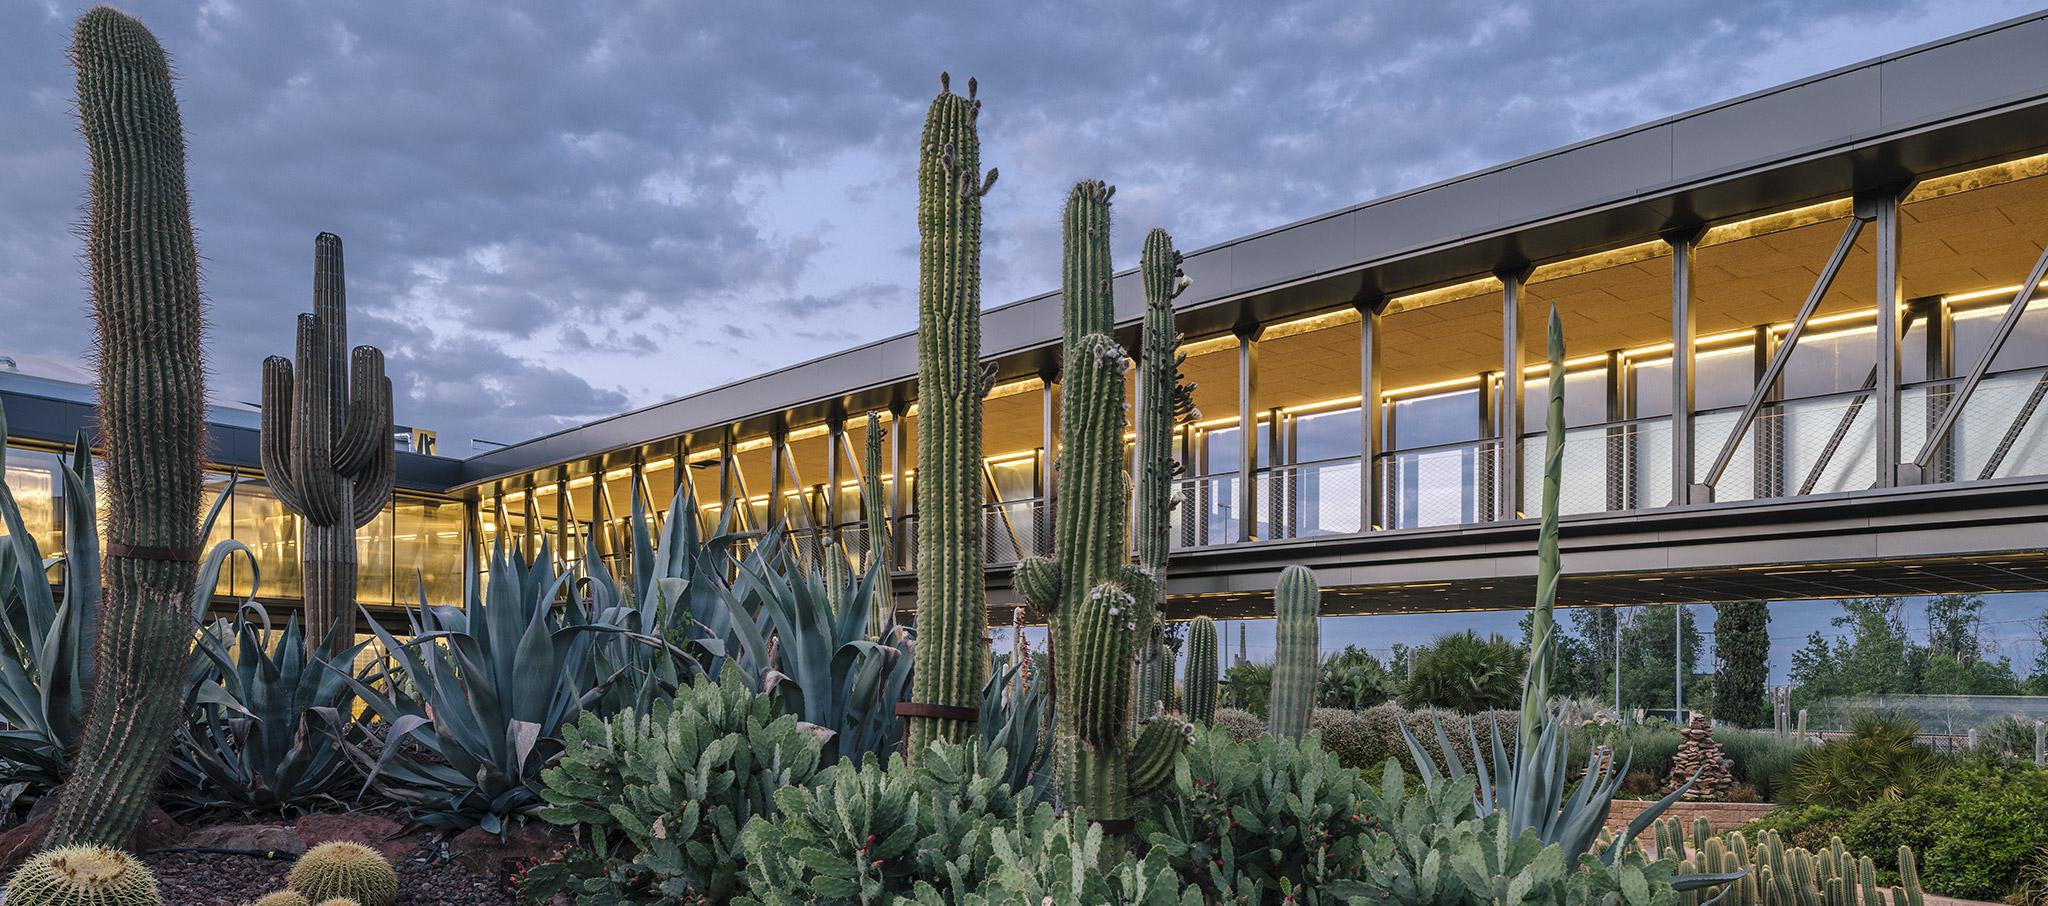 Desert City by GarciaGerman Arquitectos. Photograph © Imagen Subliminal (Miguel de Guzmán + Rocío Romero)